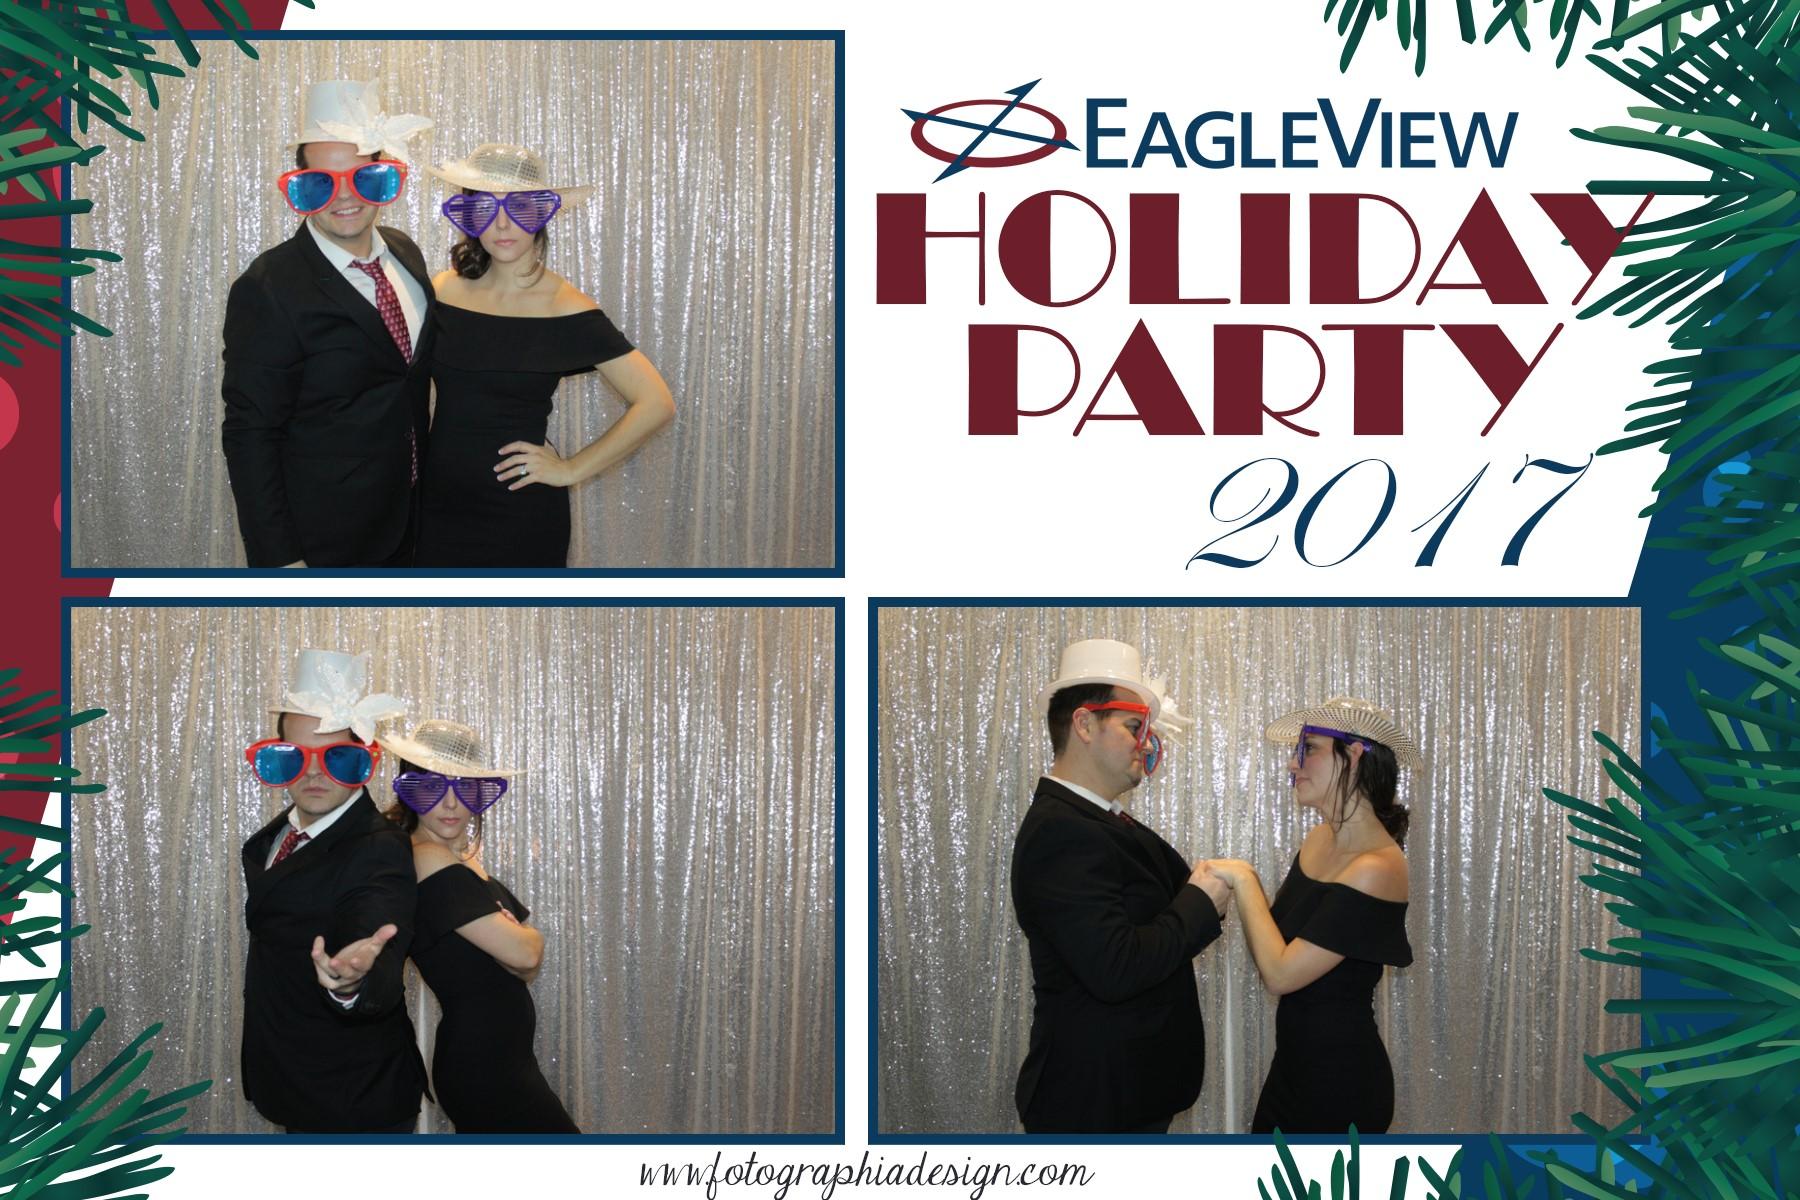 Eagleview_Prints_76.jpg